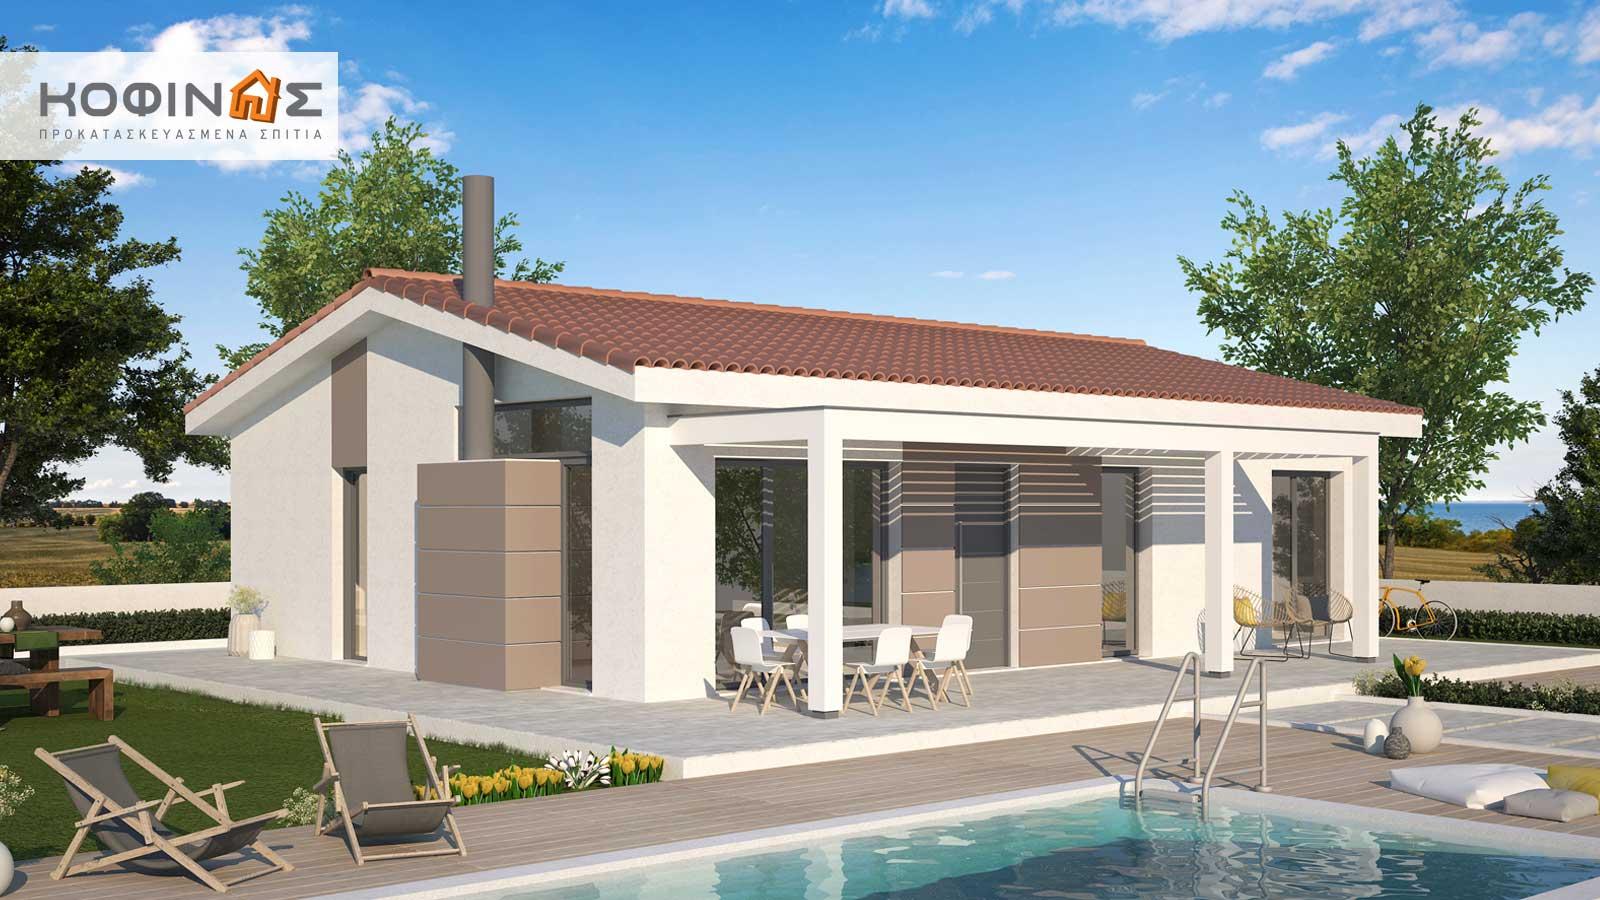 Ισόγεια Κατοικία ΚI1-100 (100,38 τ.μ.) – Τιμή: 95.000€